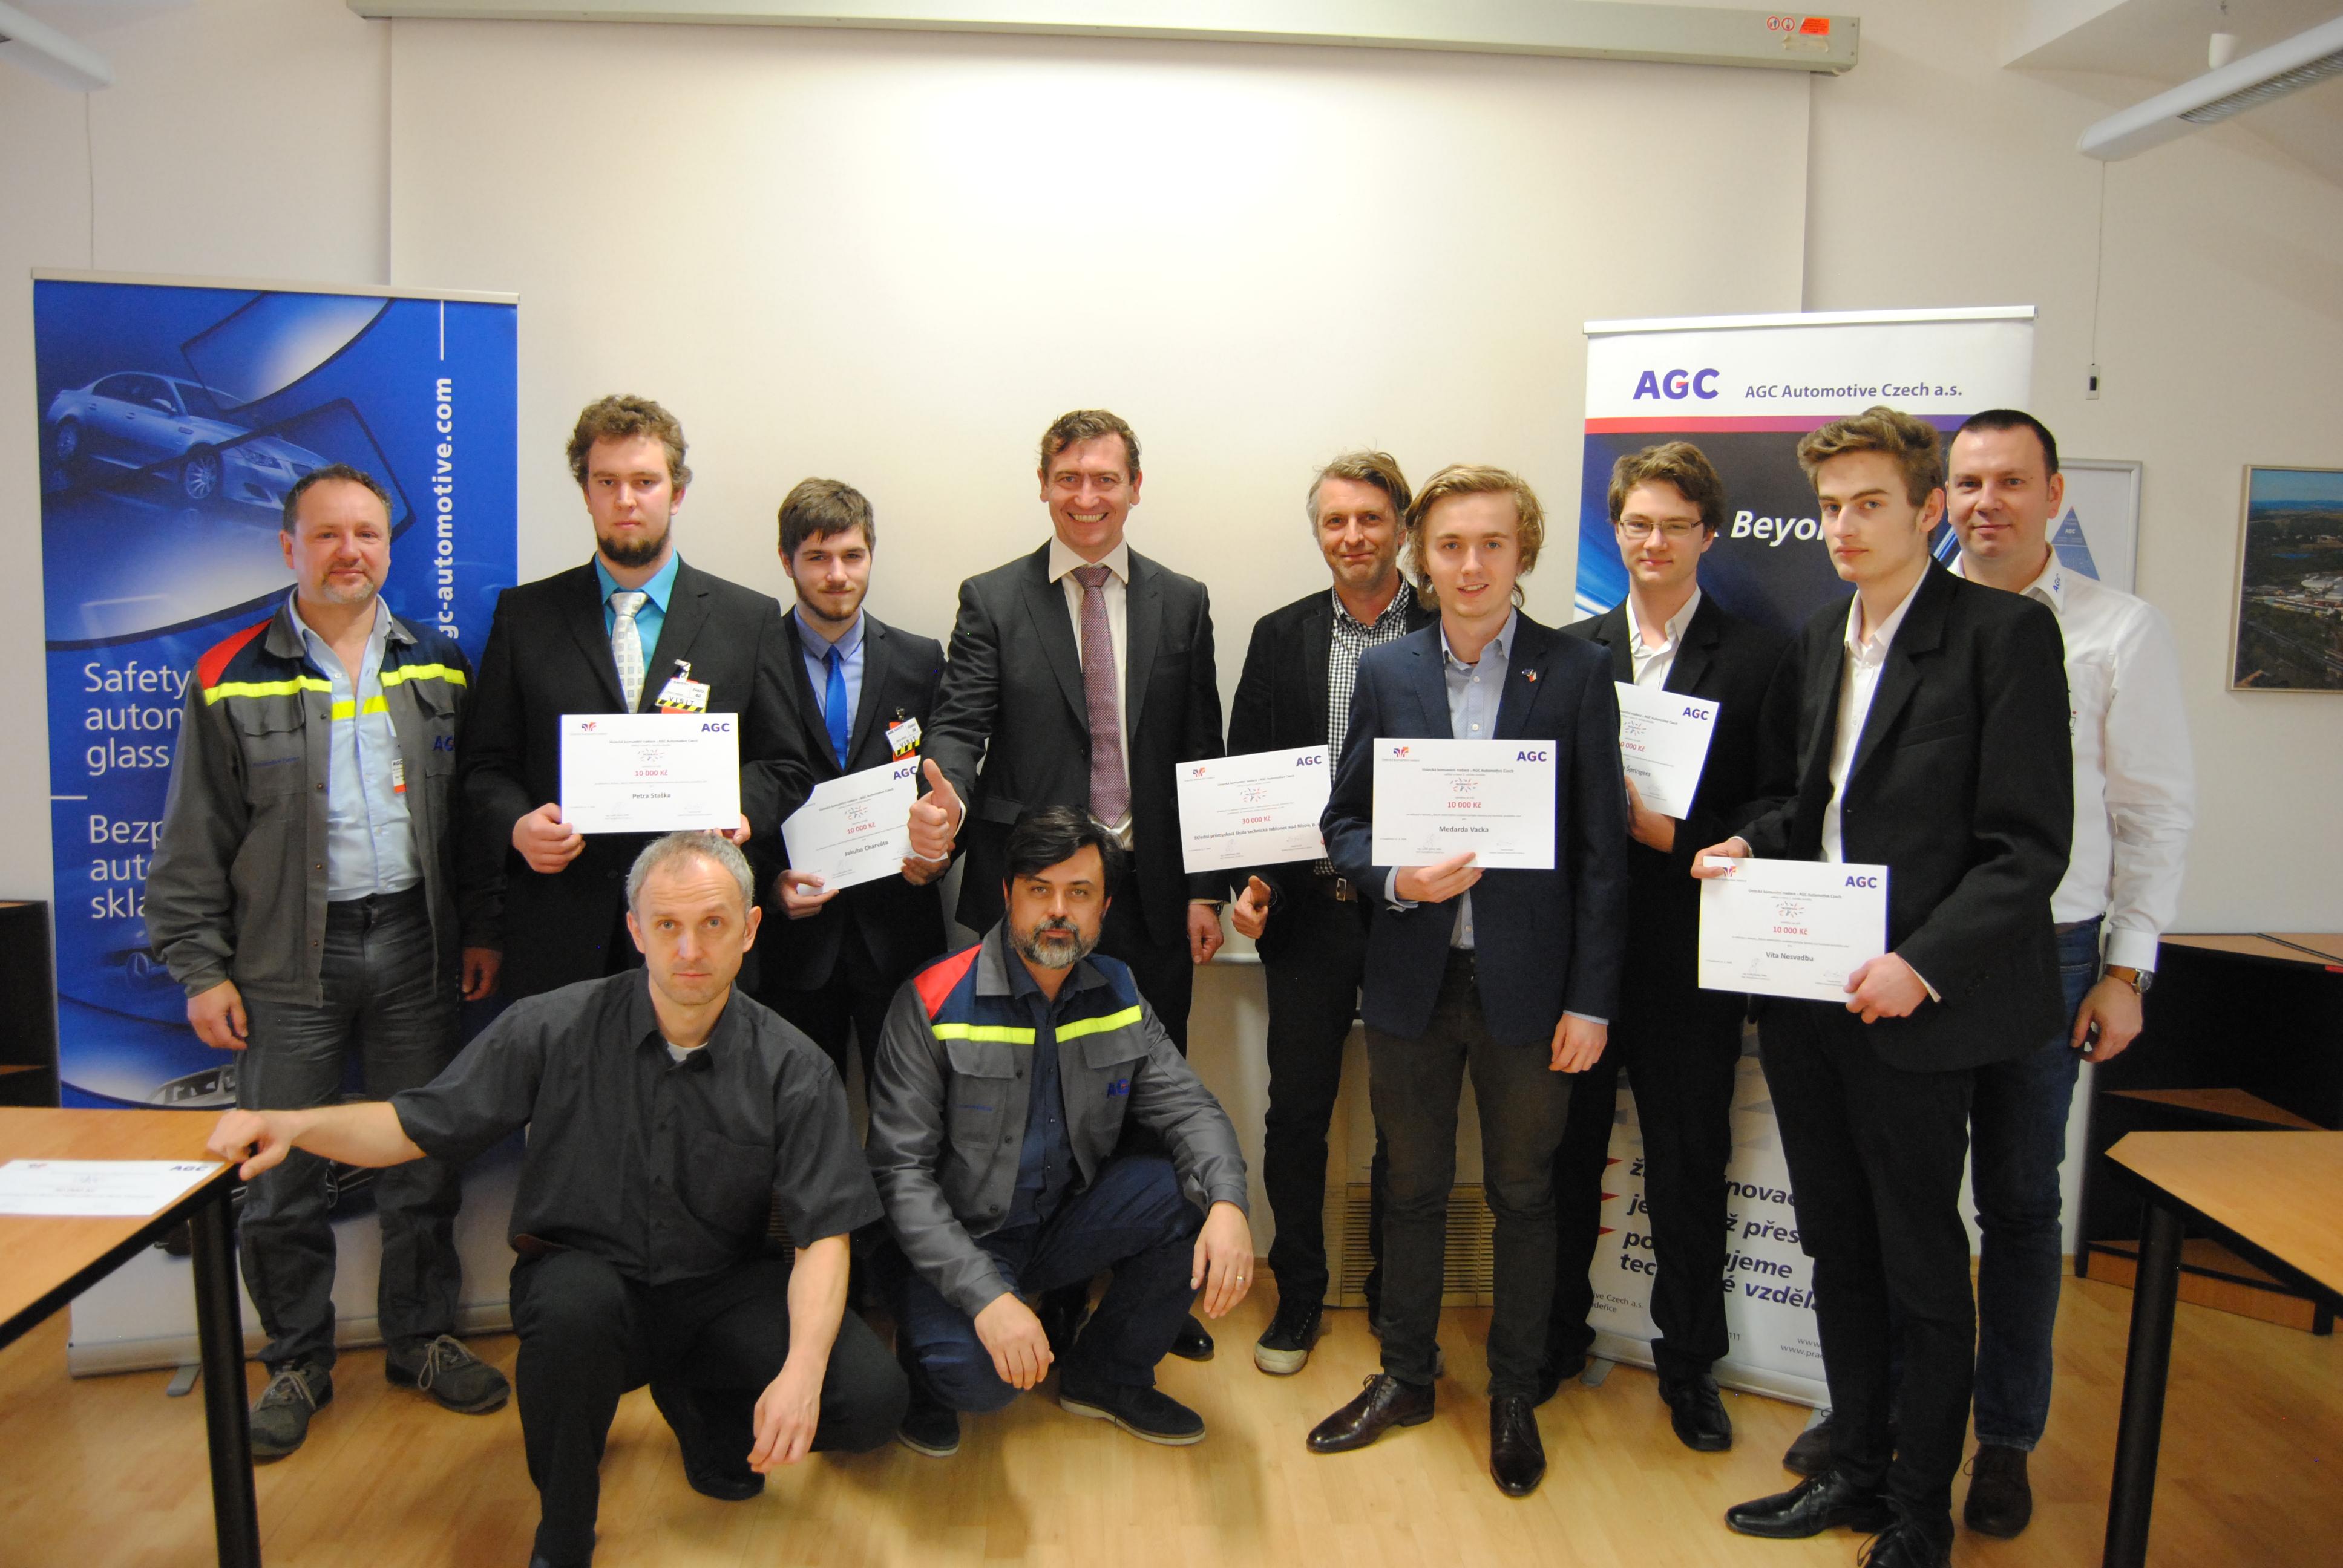 AGC Automotive vyhlásil Technowizz, podpoří studenty techniky